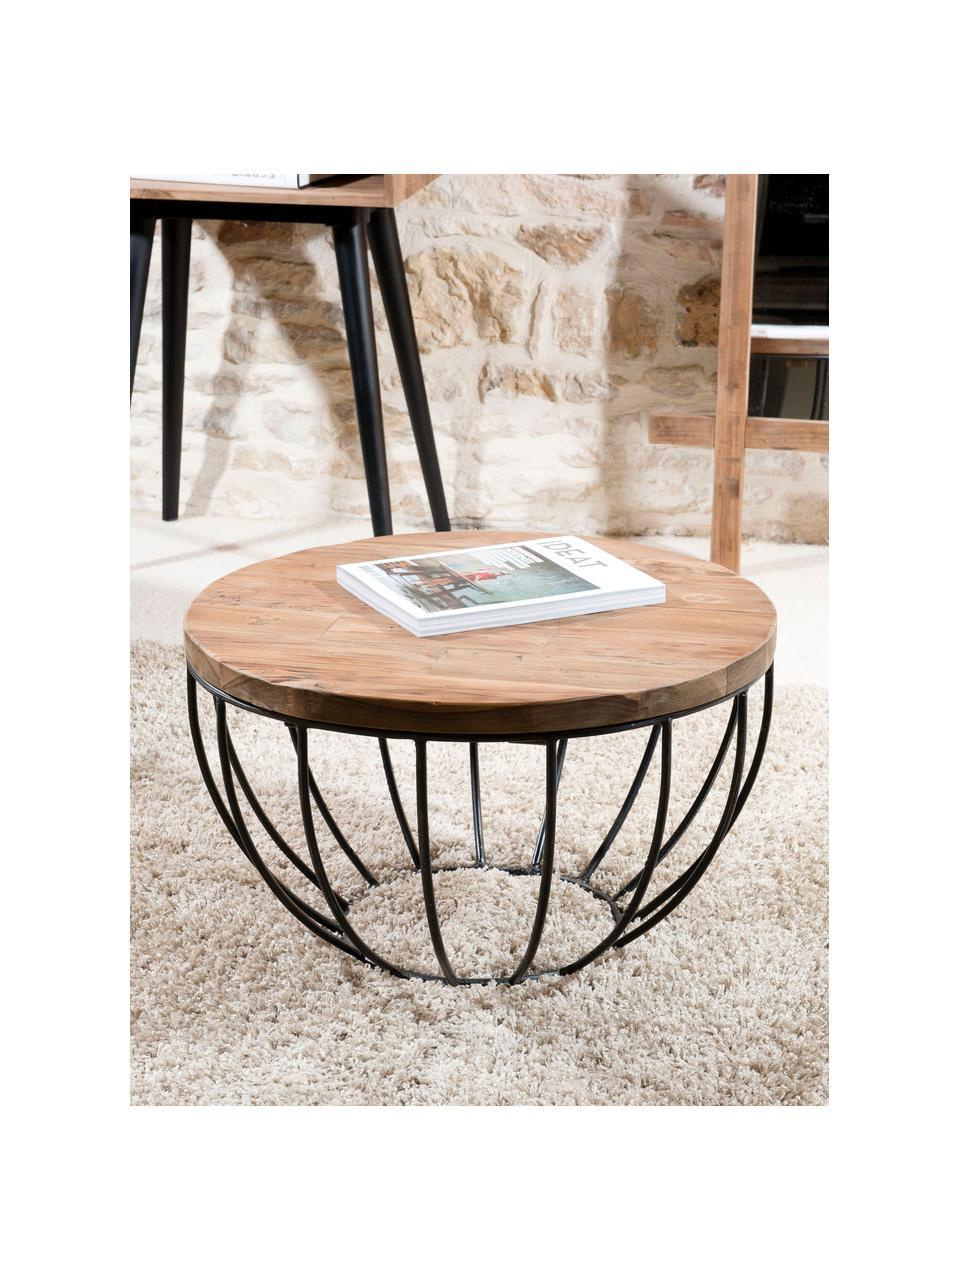 Tavolino da salotto rotondo con piano in teak Sixtine, Piano d'appoggio: legno di teak riciclato, Struttura: metallo verniciato, Legno di teak, nero, Ø 60 x Alt. 35 cm